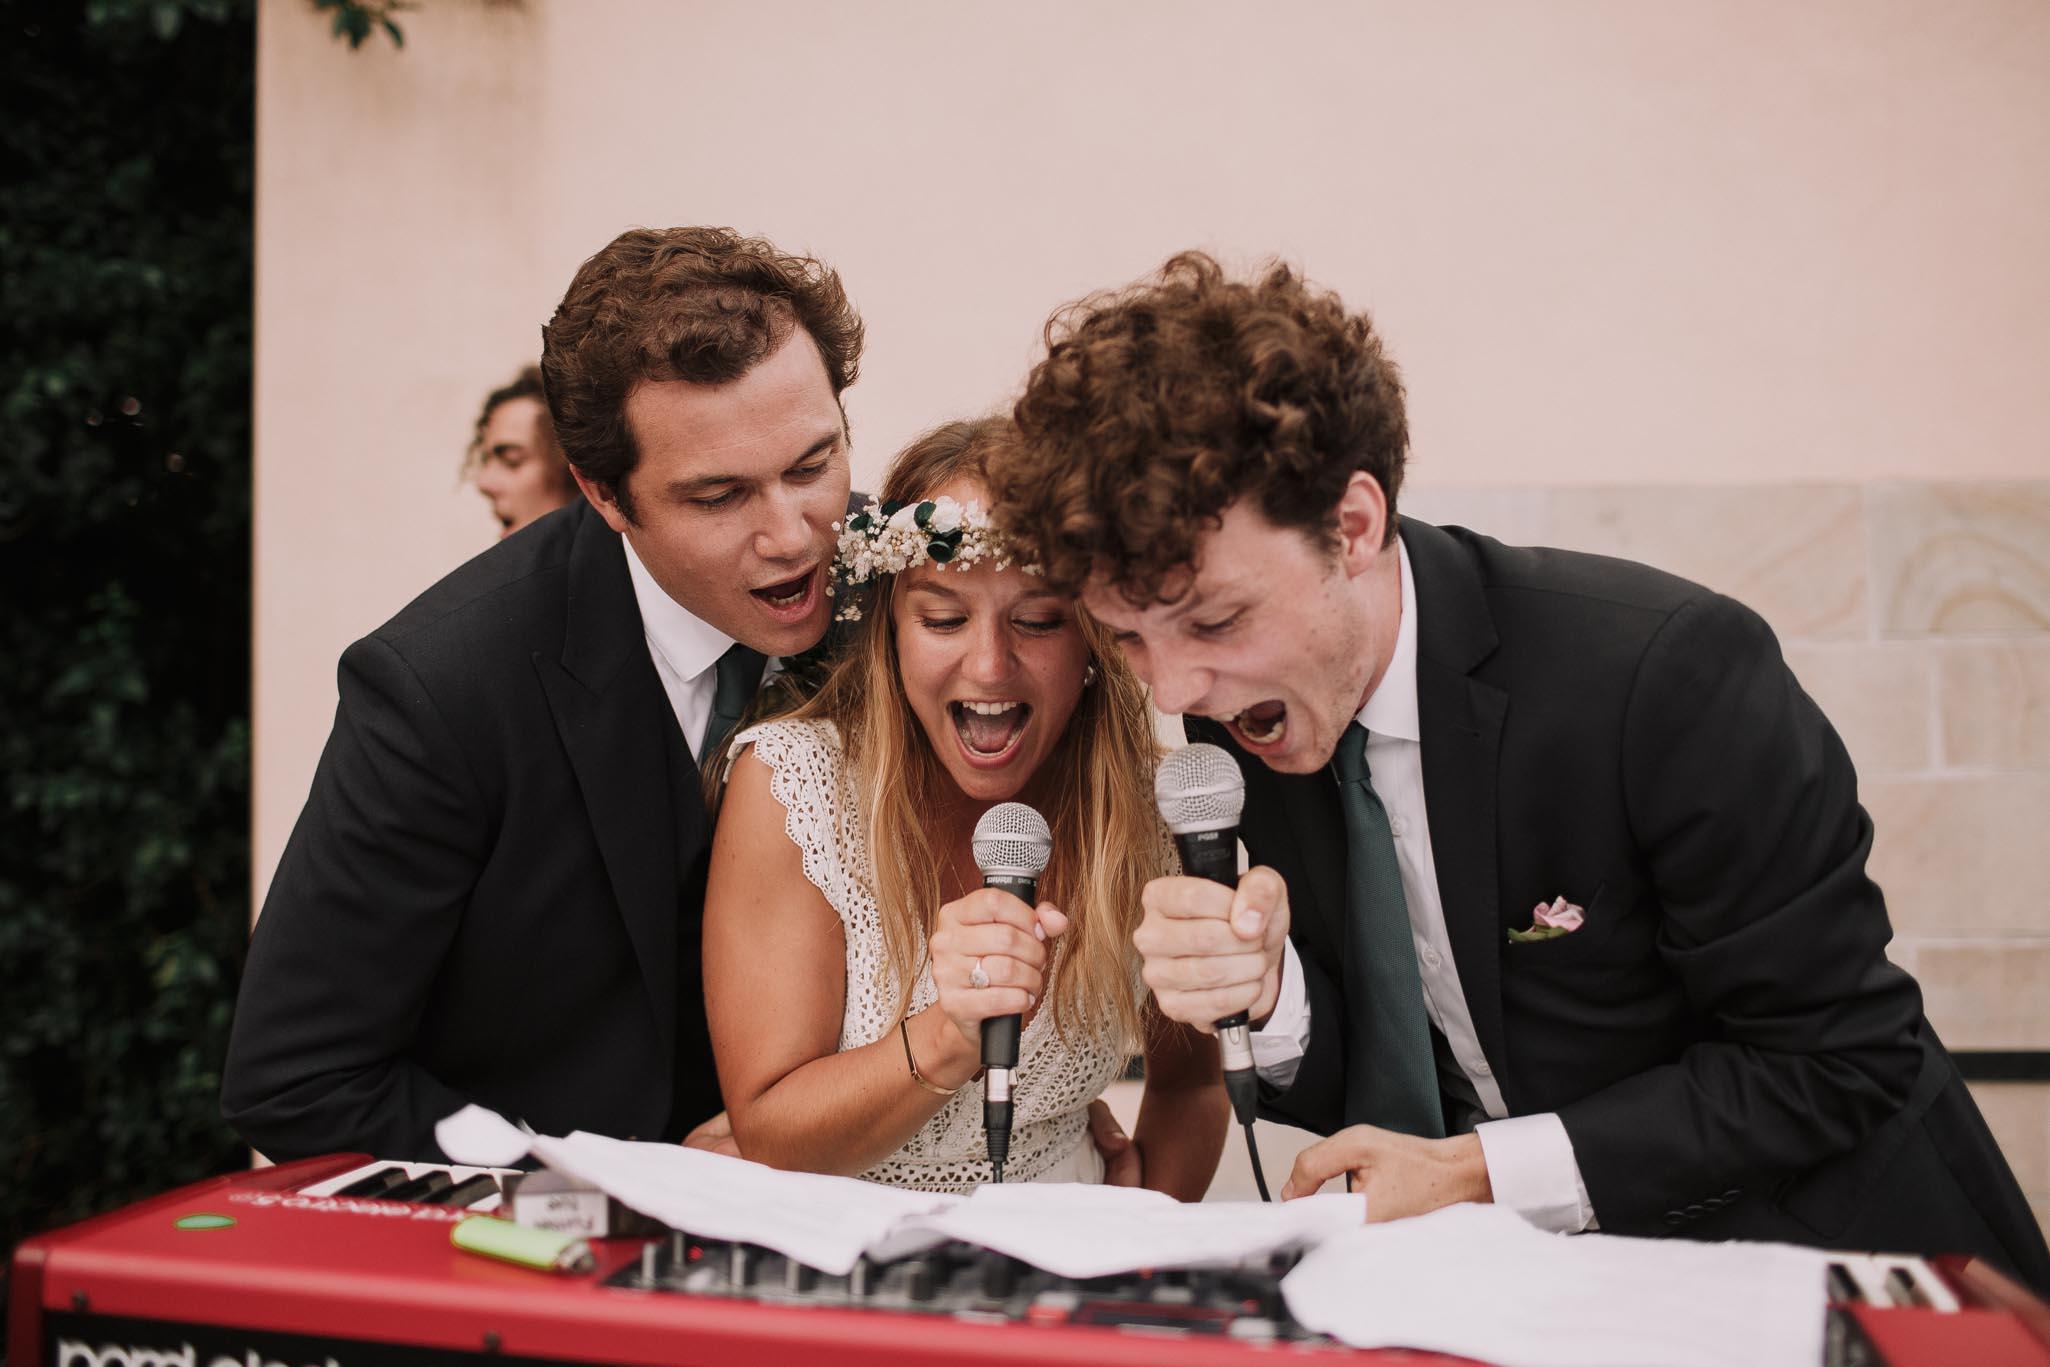 Photographe-mariage-bordeaux-jeremy-boyer-pays-basque-ihartze-artea-sare-robe-eleonore-pauc-couple-amour-153.jpg